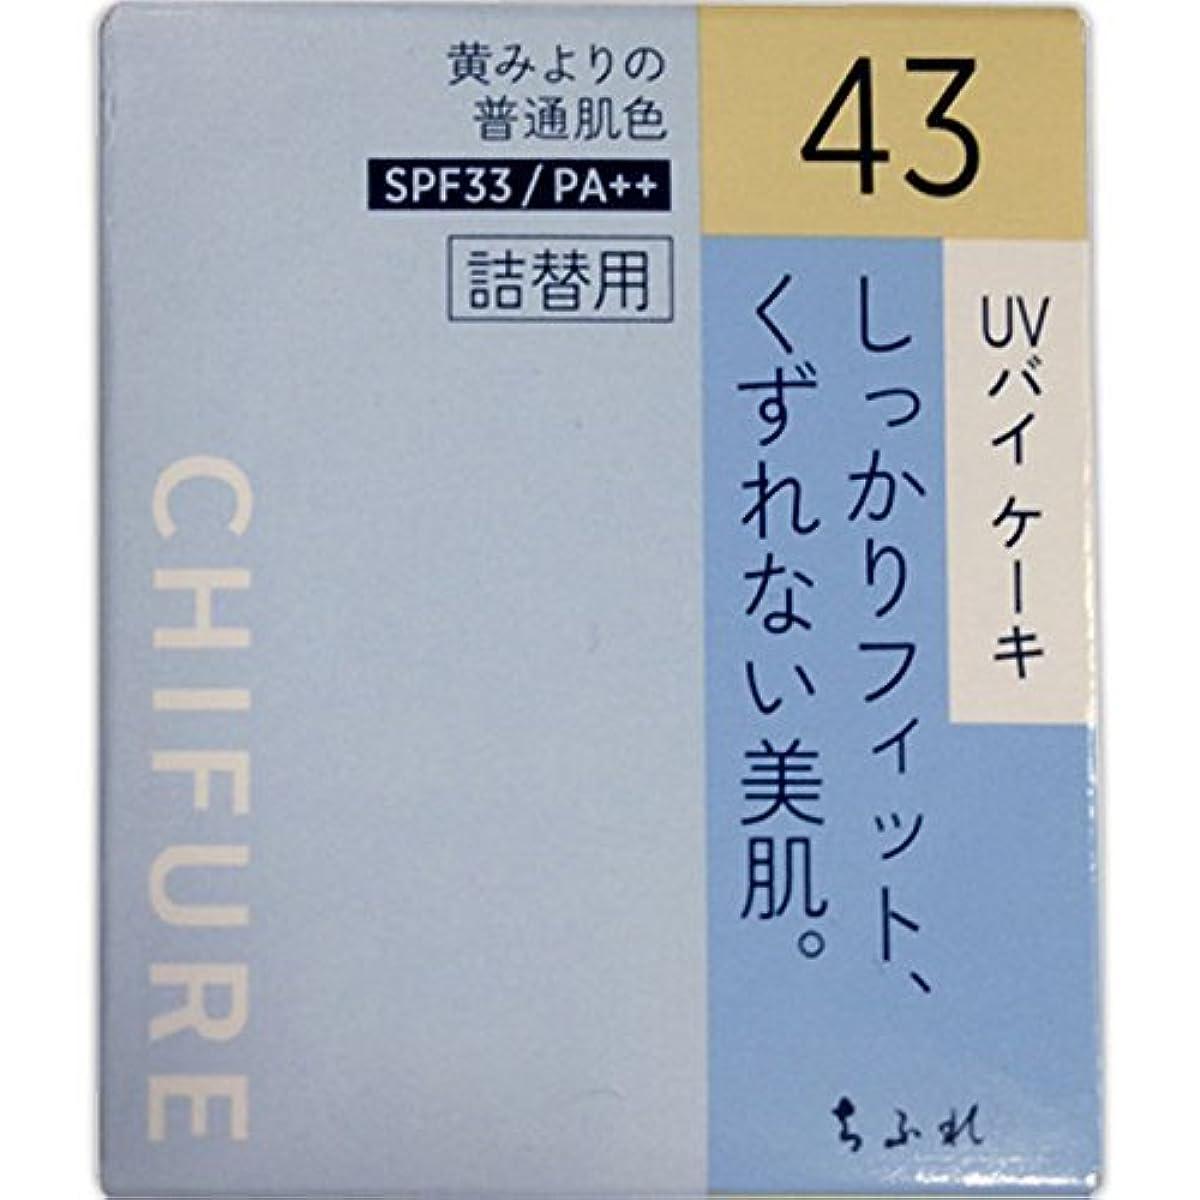 眠いですマウス啓発するちふれ化粧品 UV バイ ケーキ 詰替用 43 黄みよりの普通肌色 43